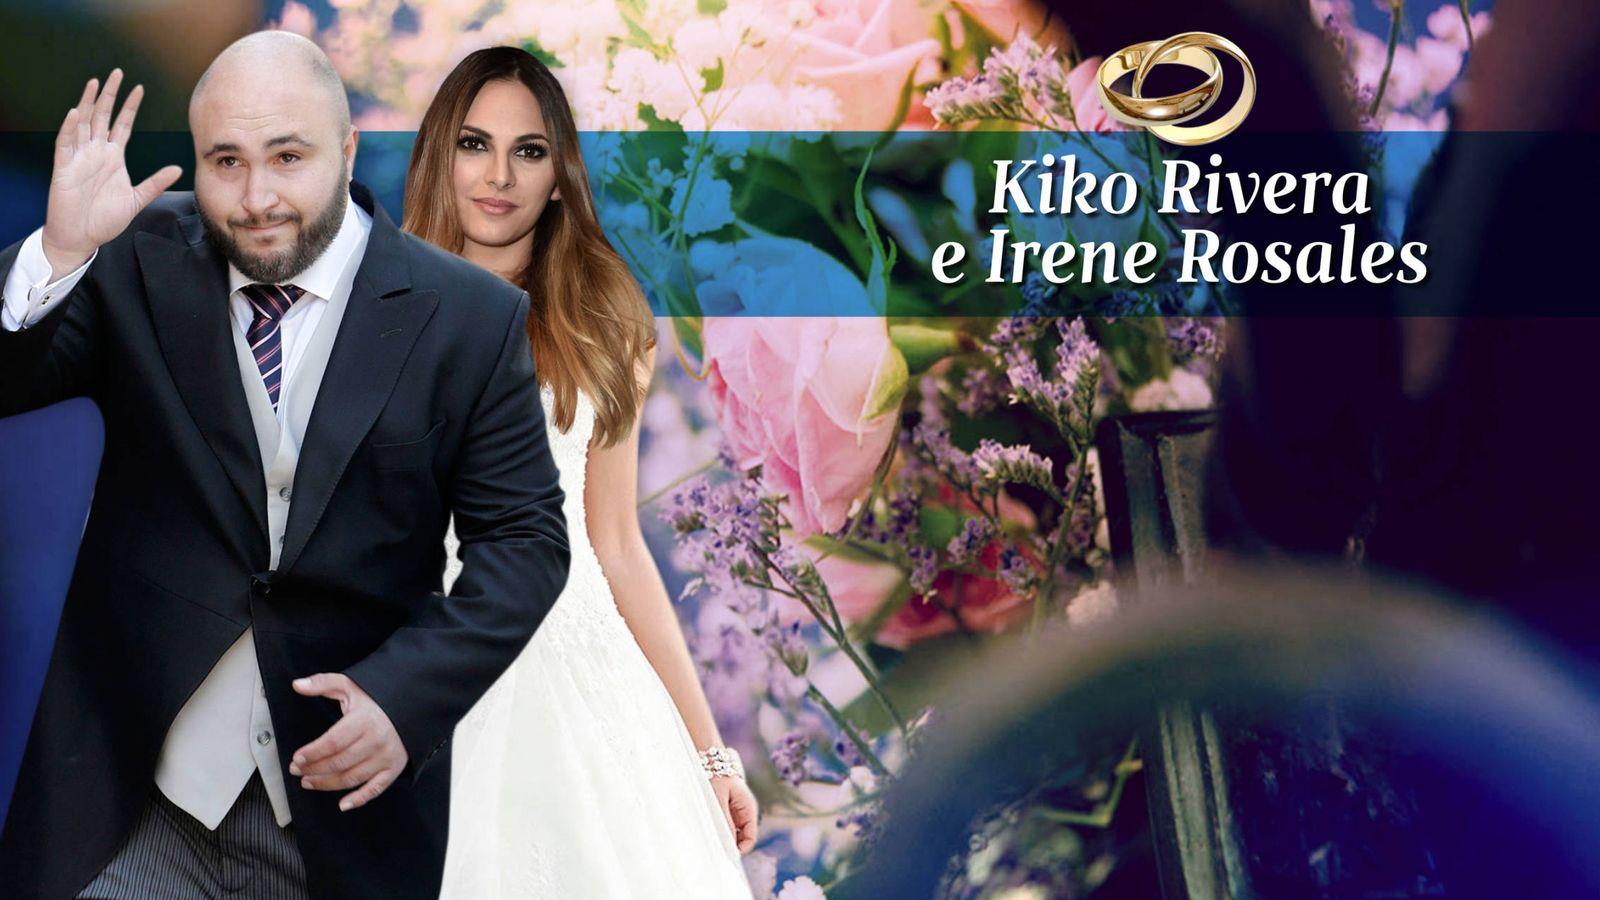 Foto: Boda de Kiko Rivera e Irene Rosales